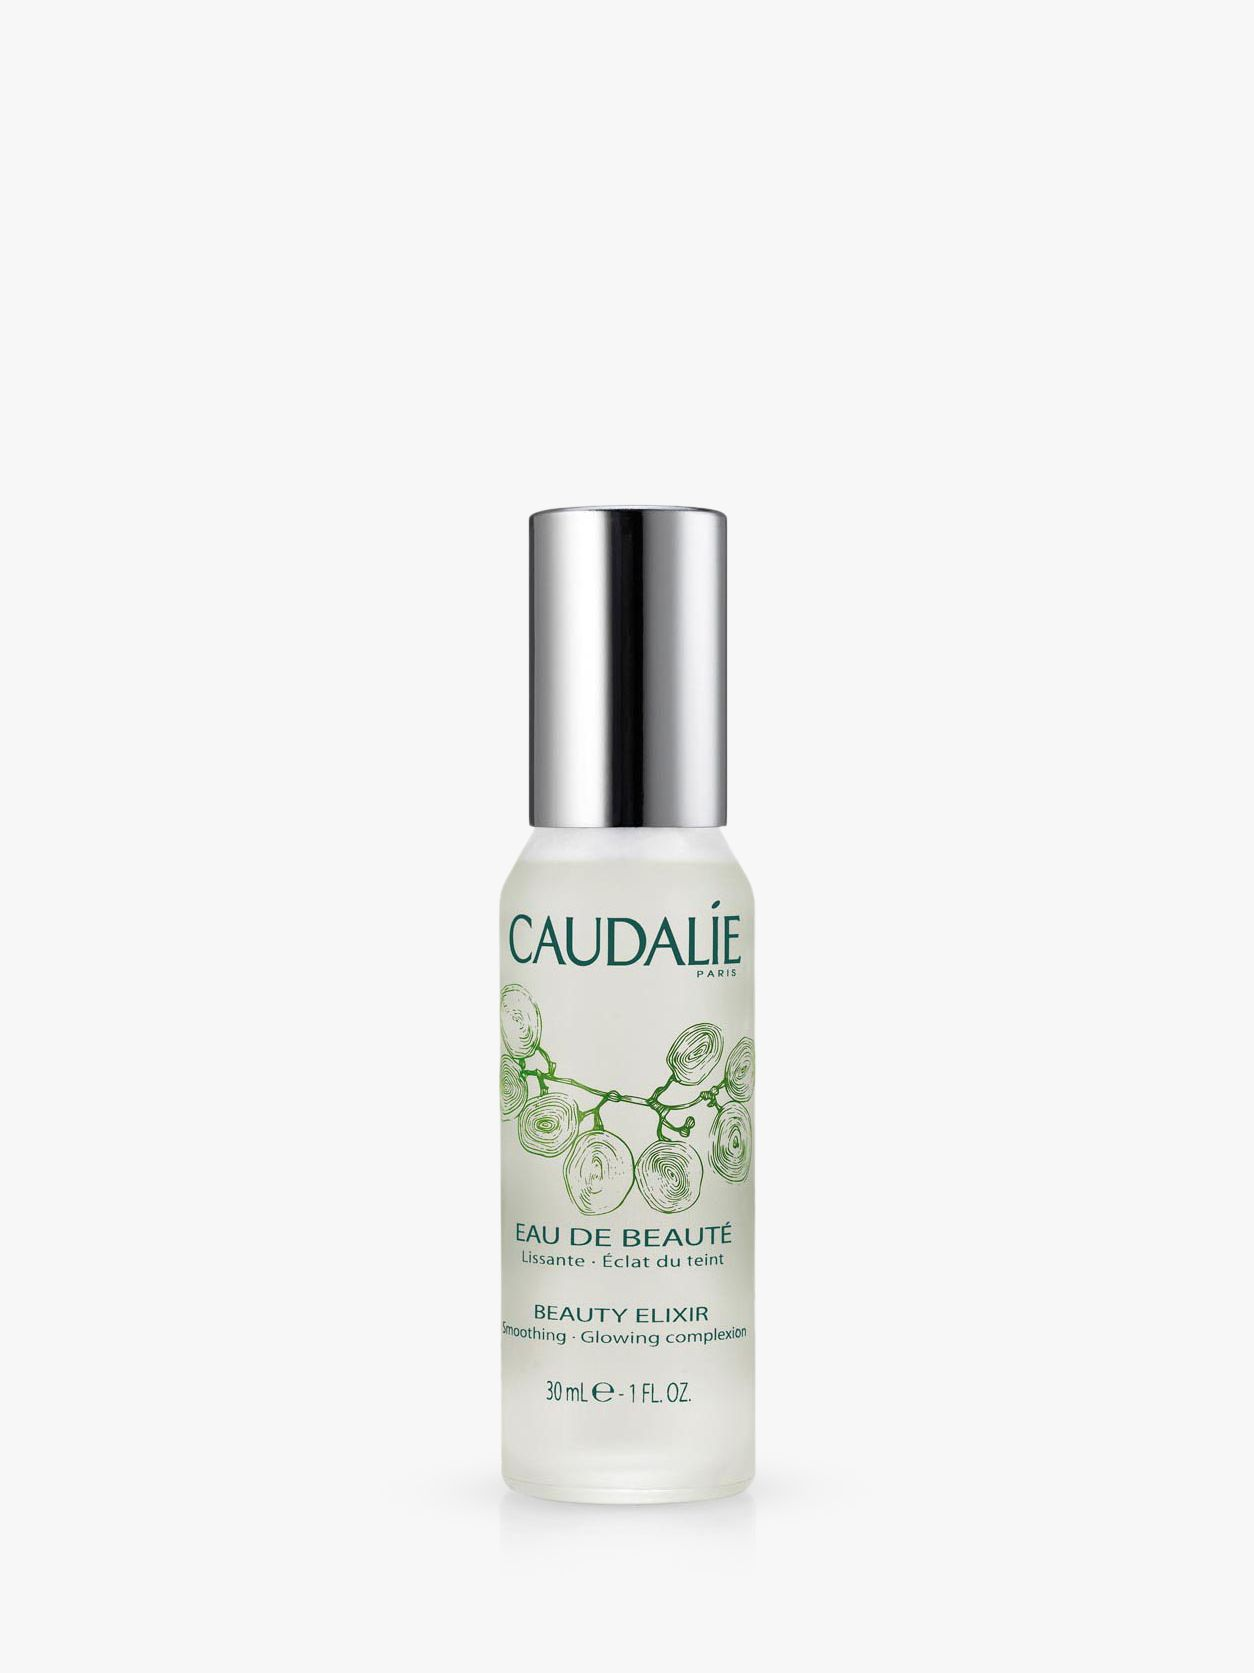 Caudalie Caudalie Beauty Elixir, 30ml